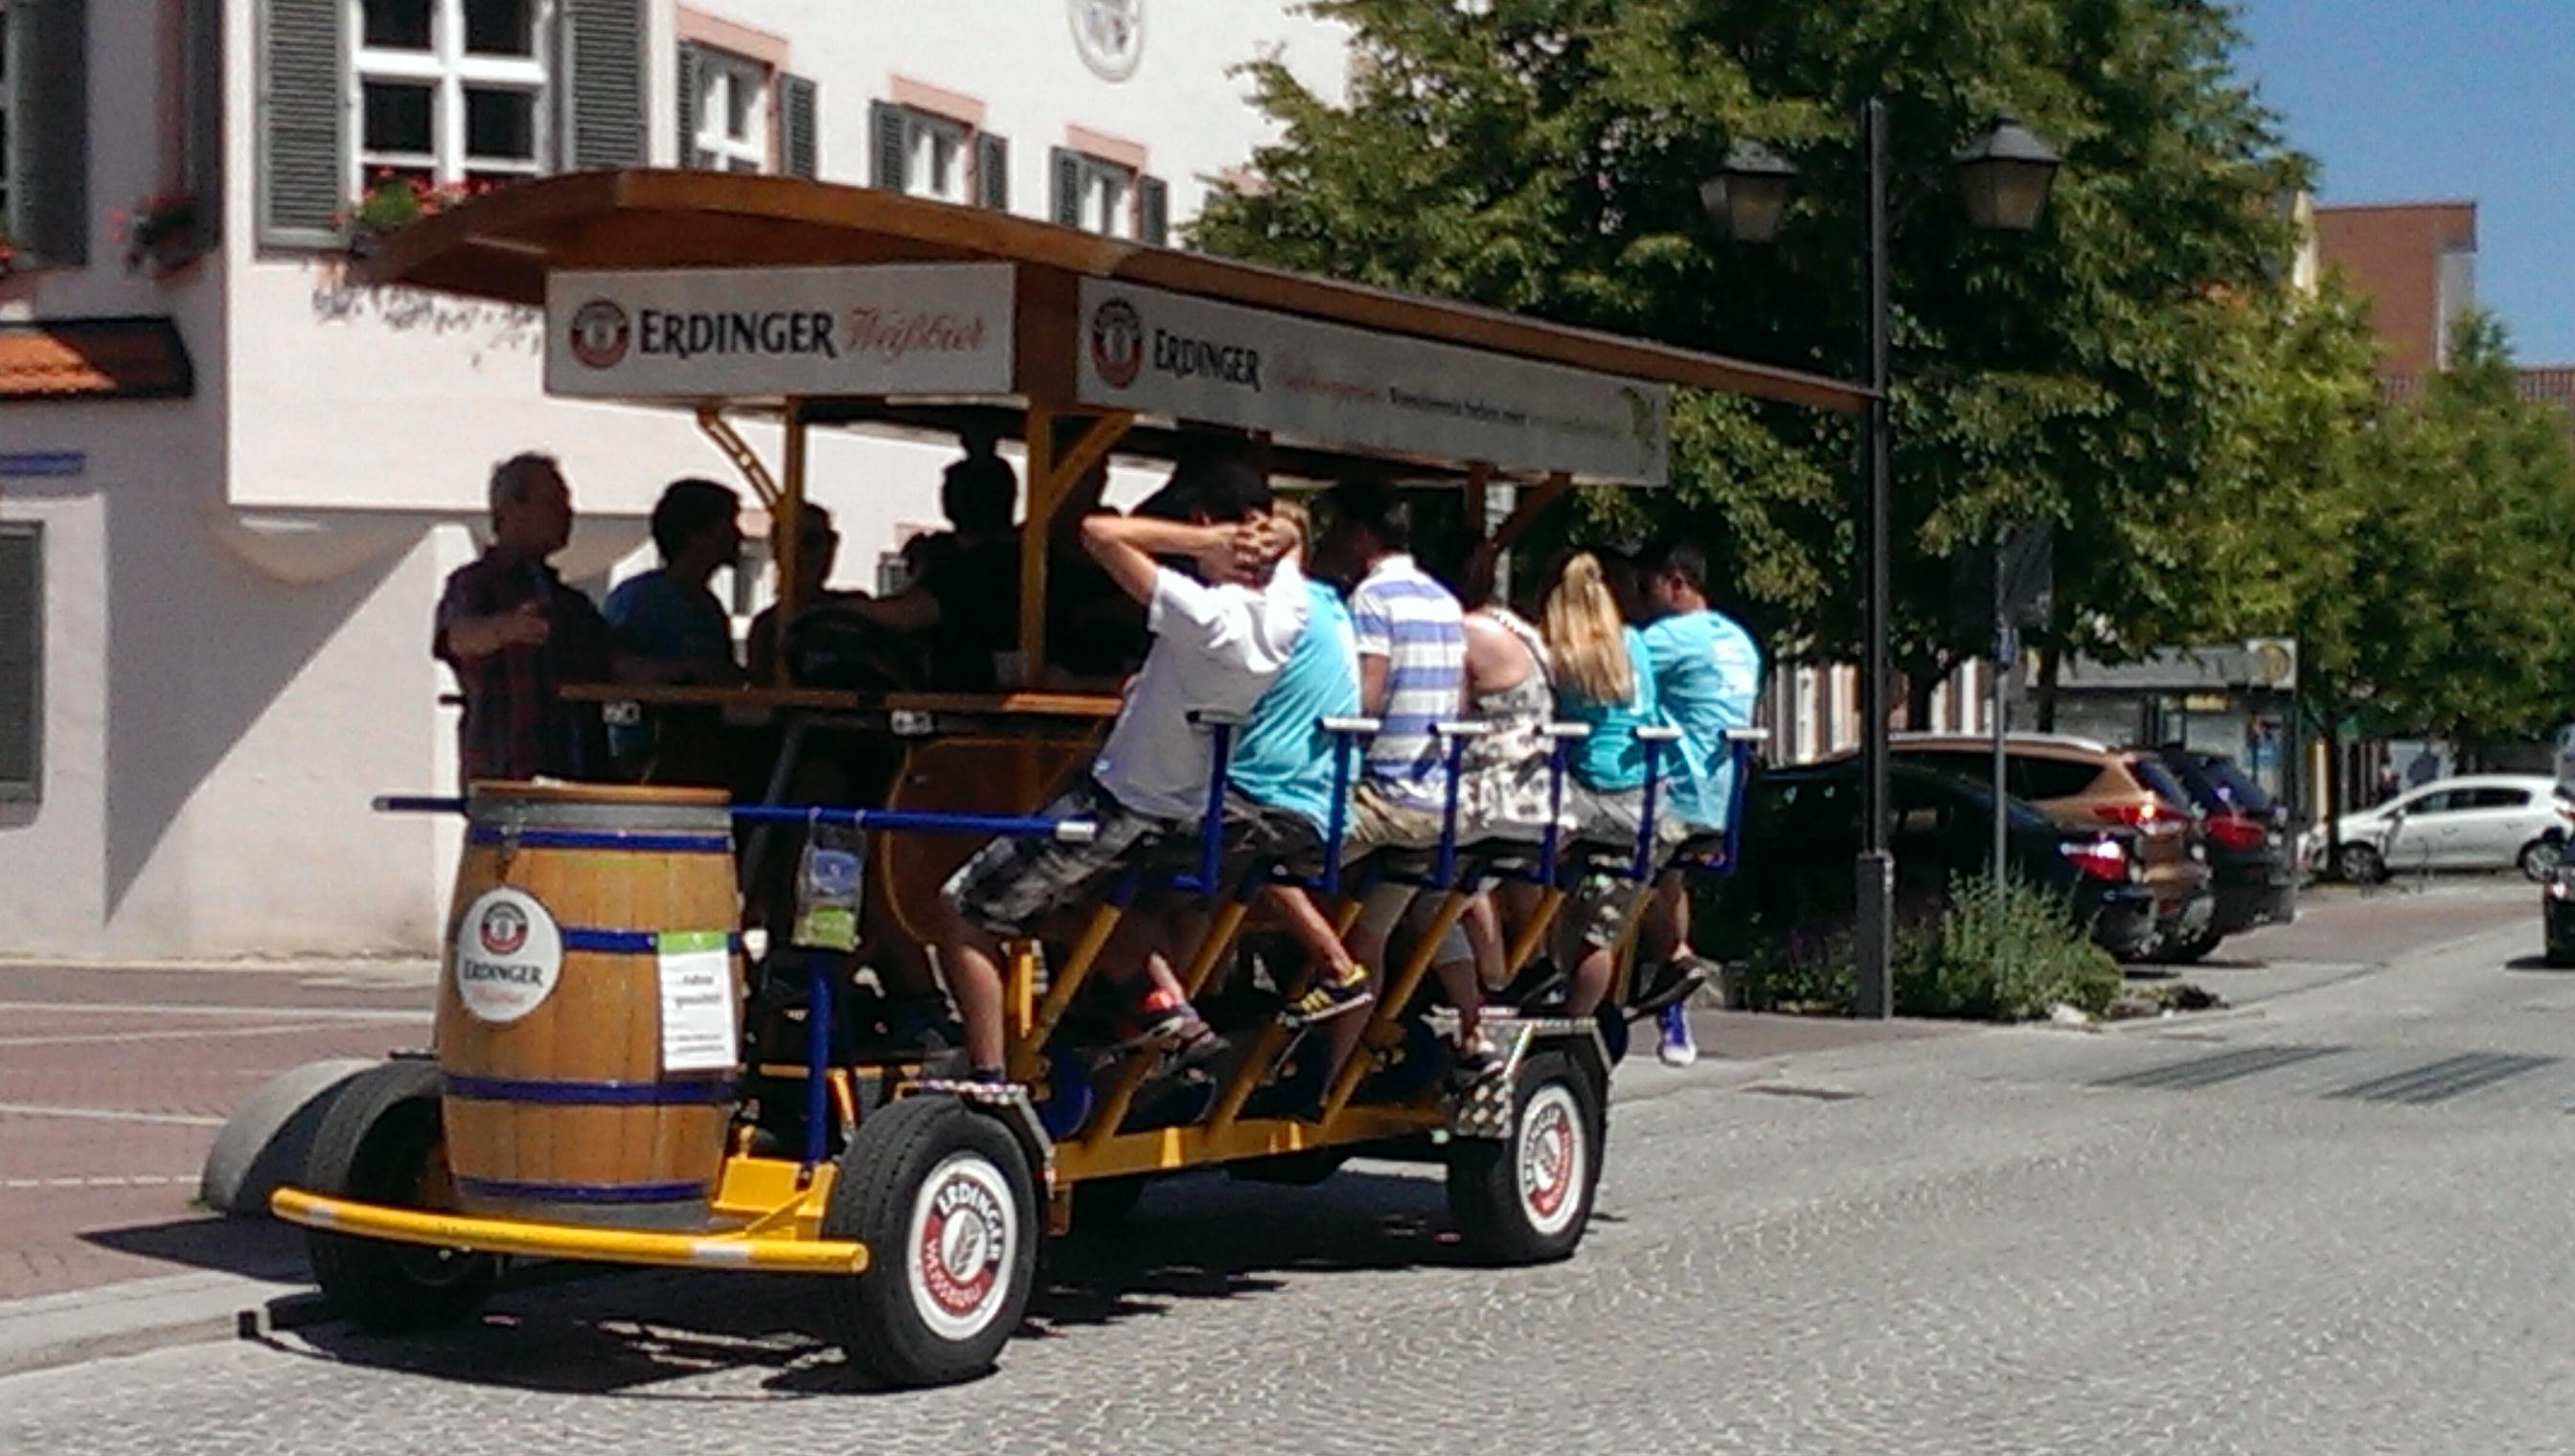 BierbikeErding1.jpg